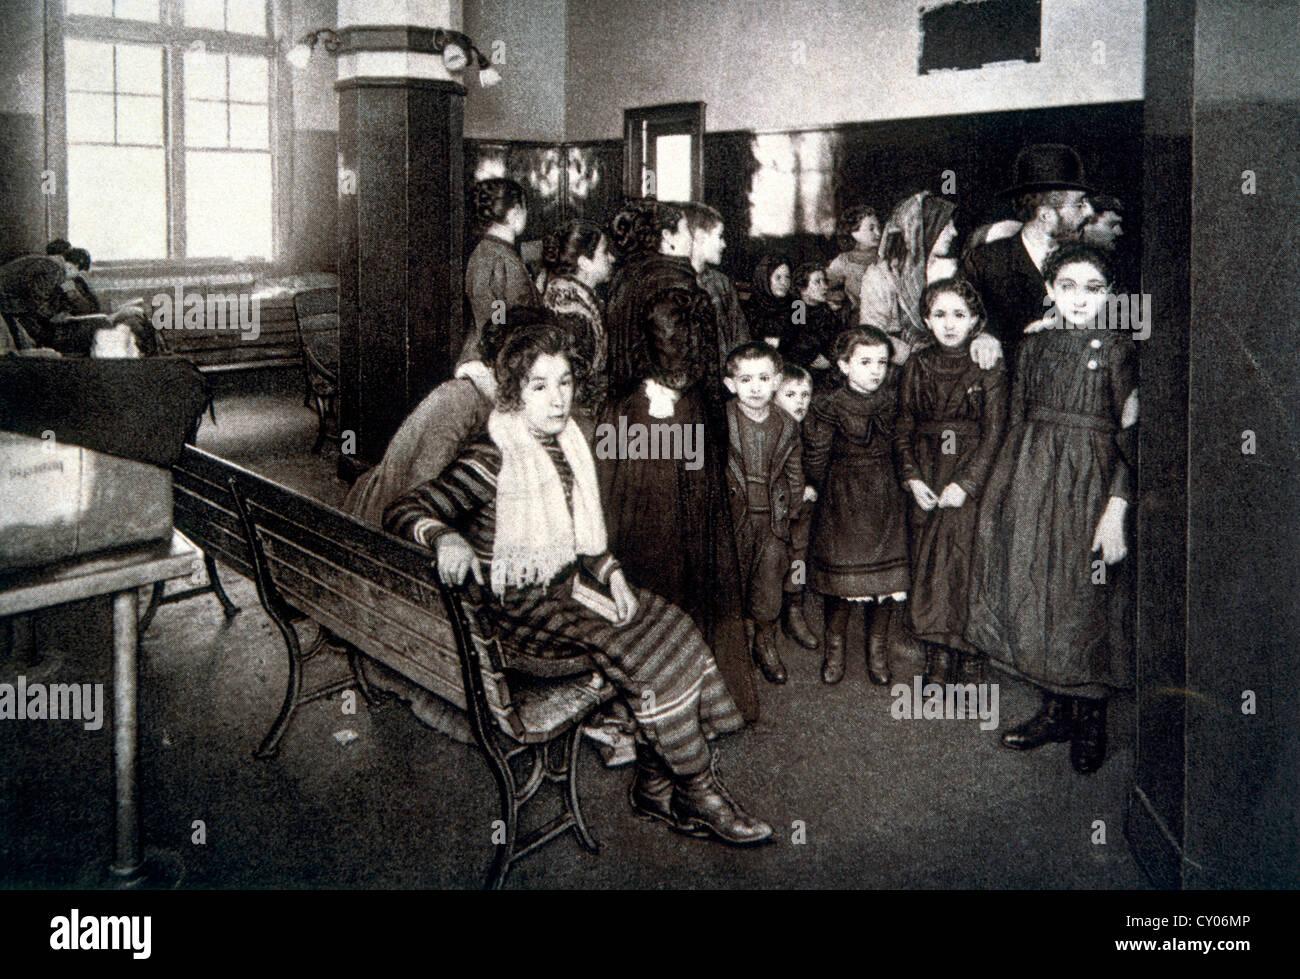 Grupo de emigrantes esperando na detenção Pen depois de passar o seu ingresso, Ellis Island, Nova Iorque, Imagens de Stock